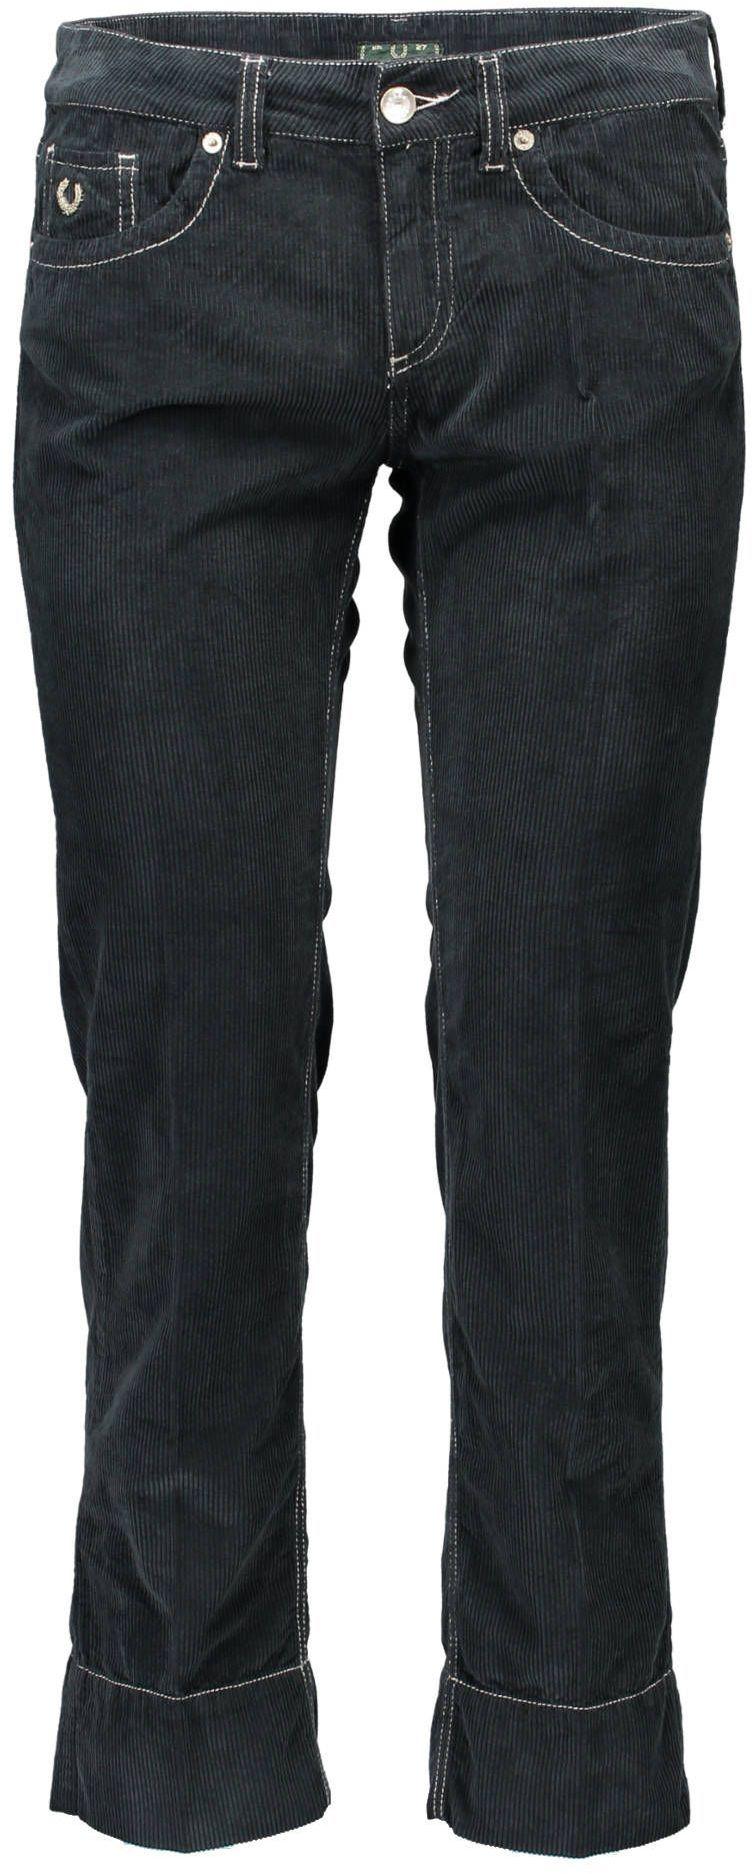 FRED PERRY Spodnie Capri Damskie